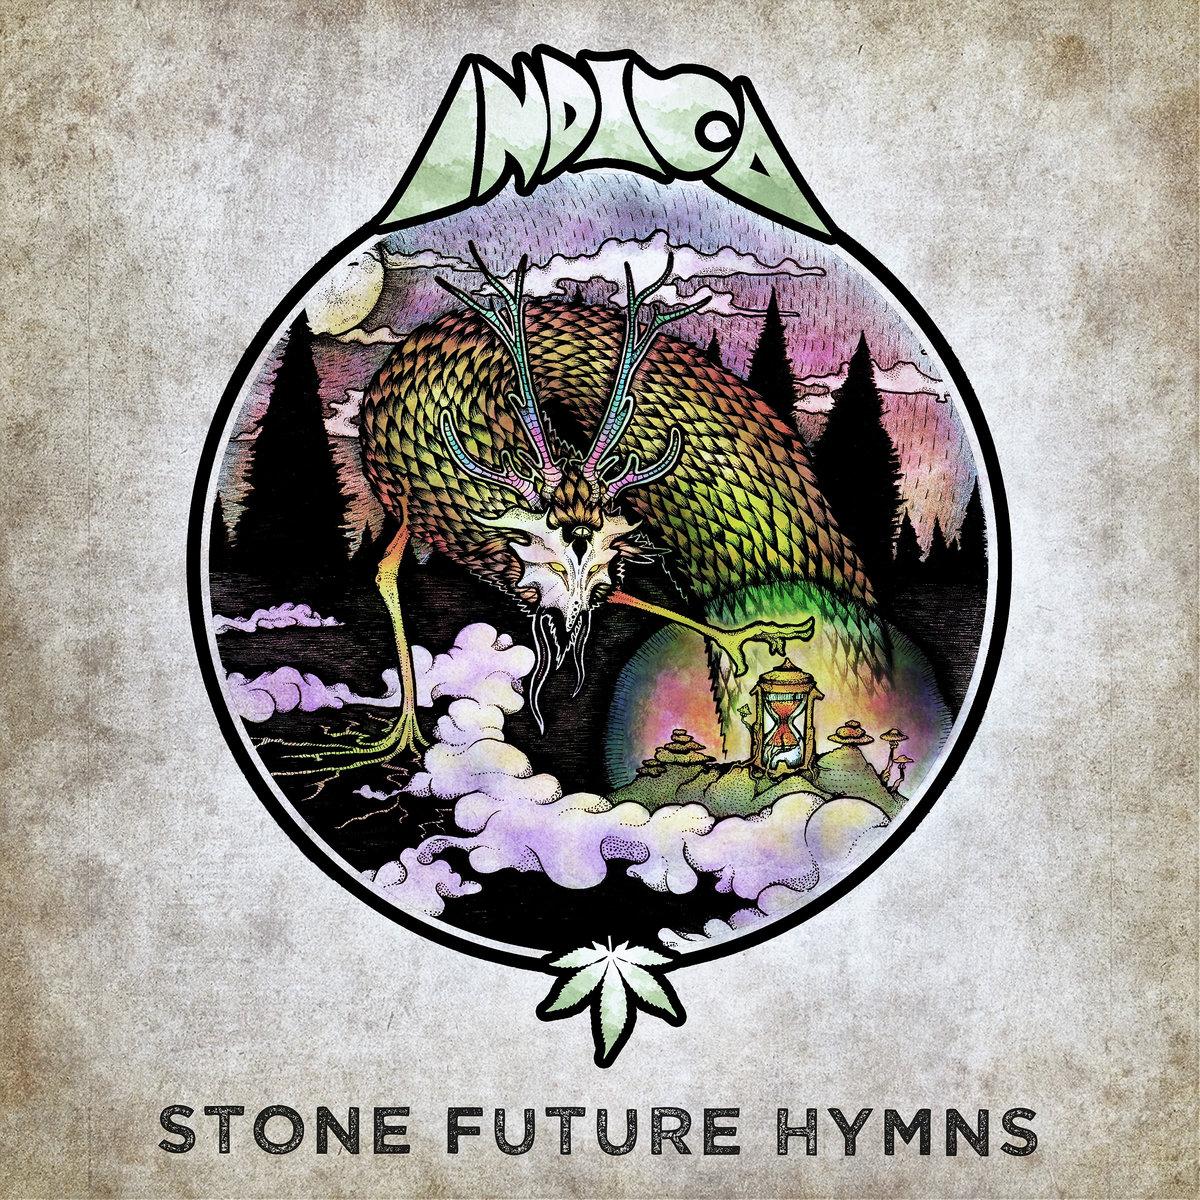 Αποτέλεσμα εικόνας για INDICA Stone Future Hymns